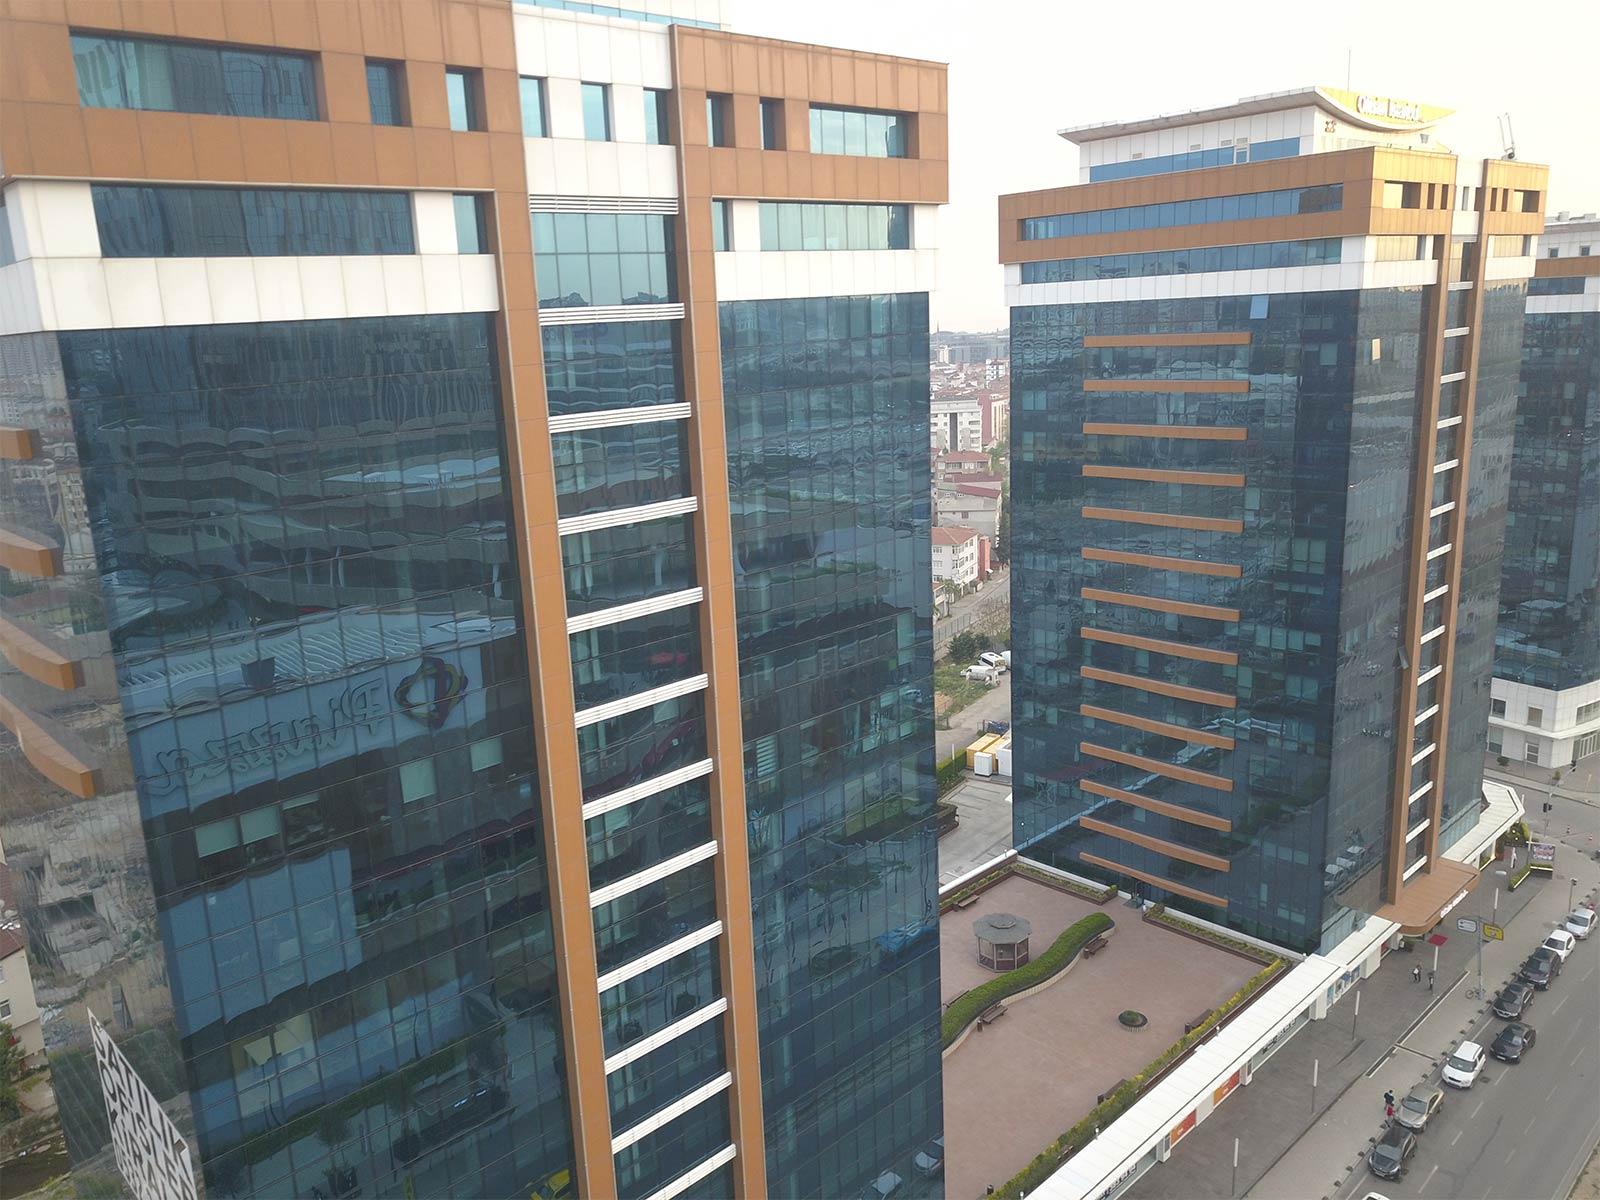 Lojistik Firmalarına Özel Ofis